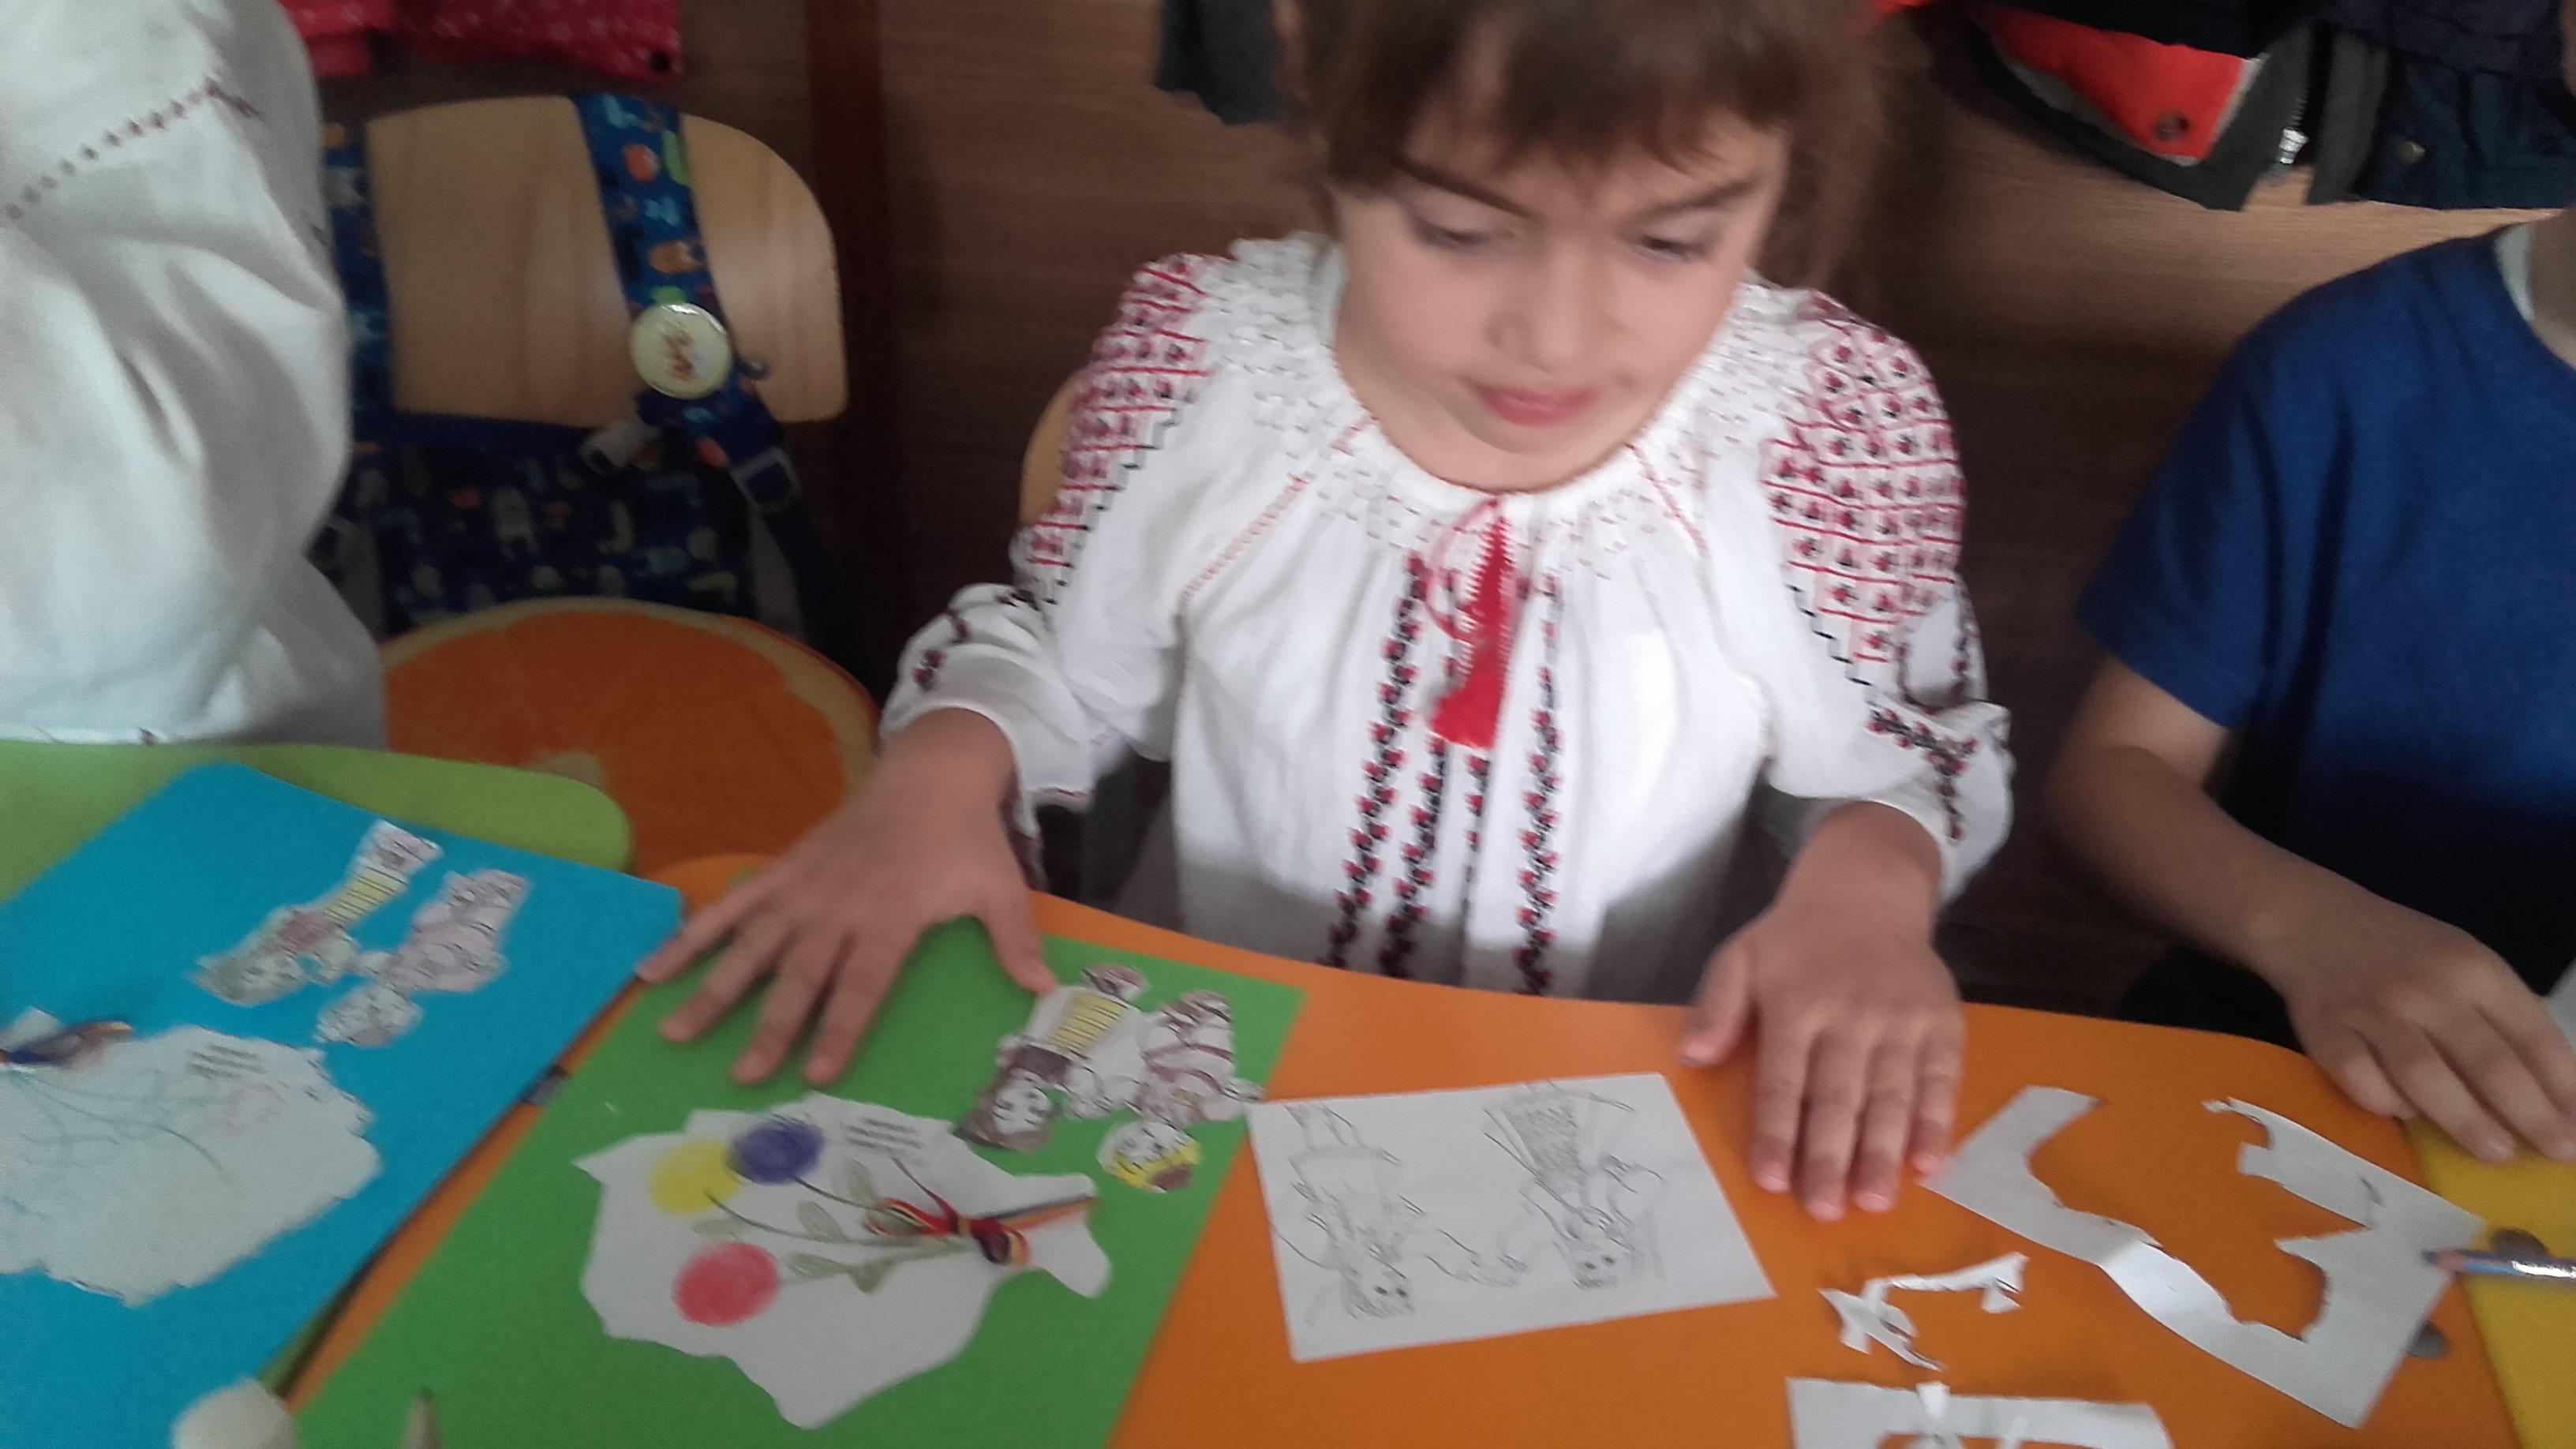 http://www.scoala12bucuresti.ro/site/wp-content/uploads/2017/12/2.jpg